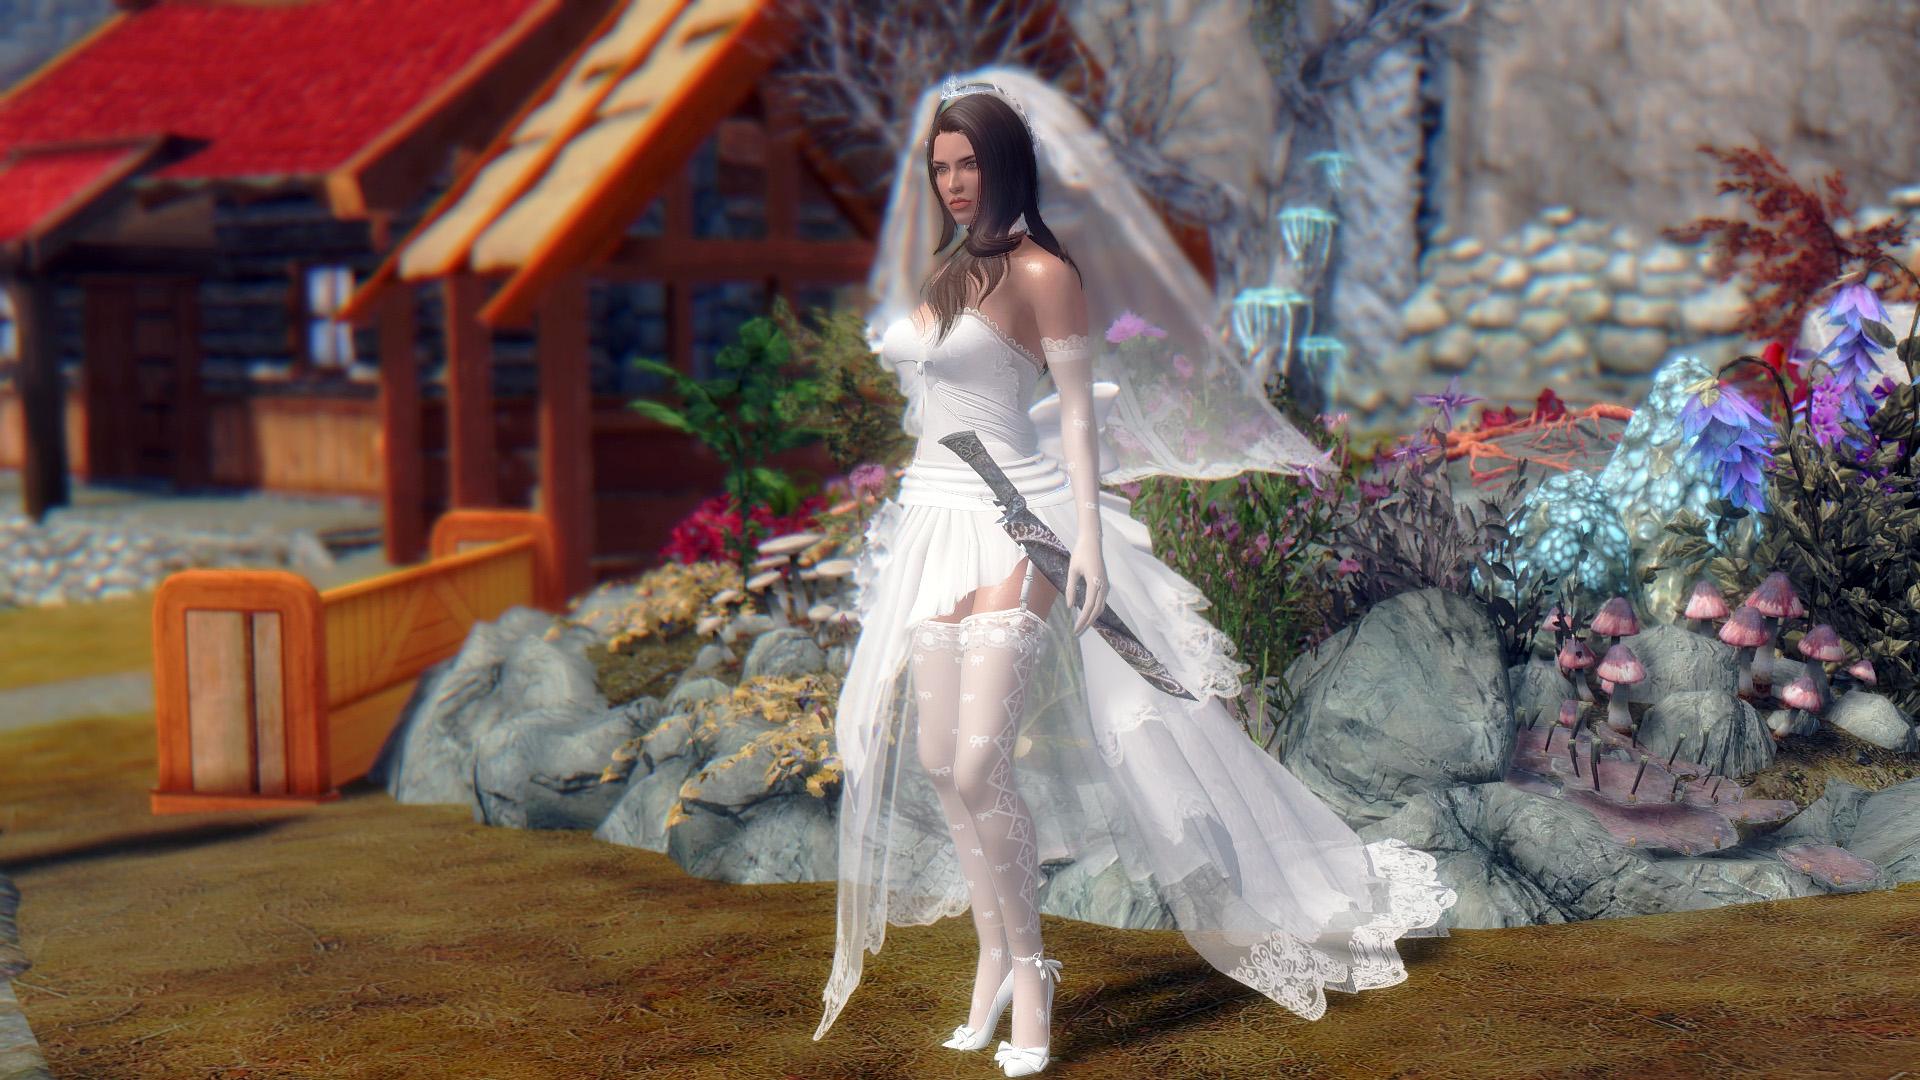 389. Лидия в свадебном платье.jpg - Elder Scrolls 5: Skyrim, the CBBE, Сборка-21